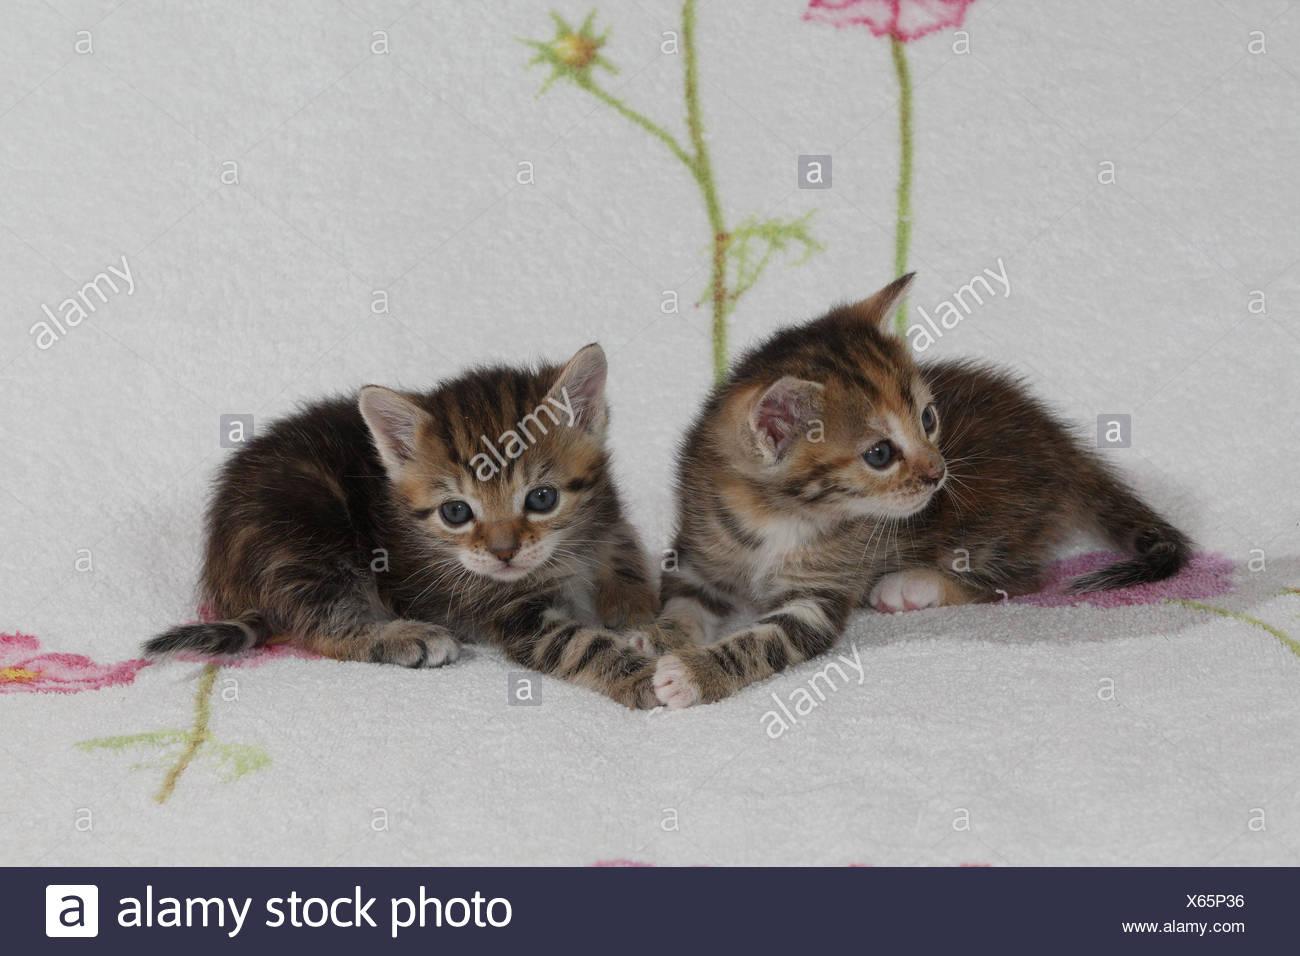 Les chats, les jeunes, se trouvent, ensemble, bed, d'animaux, mammifères, animaux, petits chats, félidés, domestique, chat de maison, jeune animal, chaton, deux, les frères et sœurs, petit, maladroit, maladroit, doucement, touch, rayé, cohésion sociale, l'amour, suture, vivre ensemble, les jeunes animaux, bébés animaux, à l'intérieur, Banque D'Images